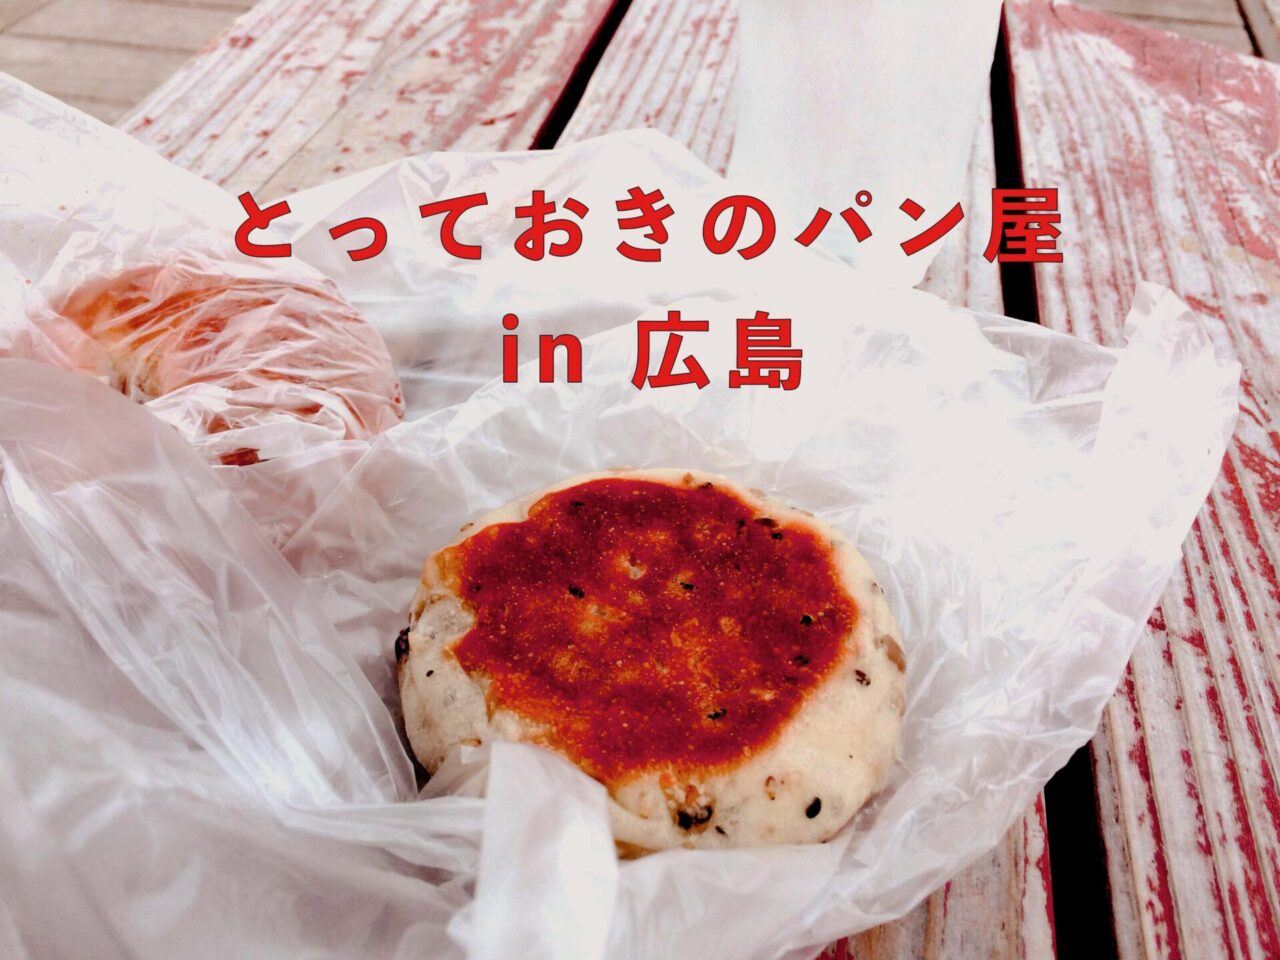 広島のパン屋さん情報